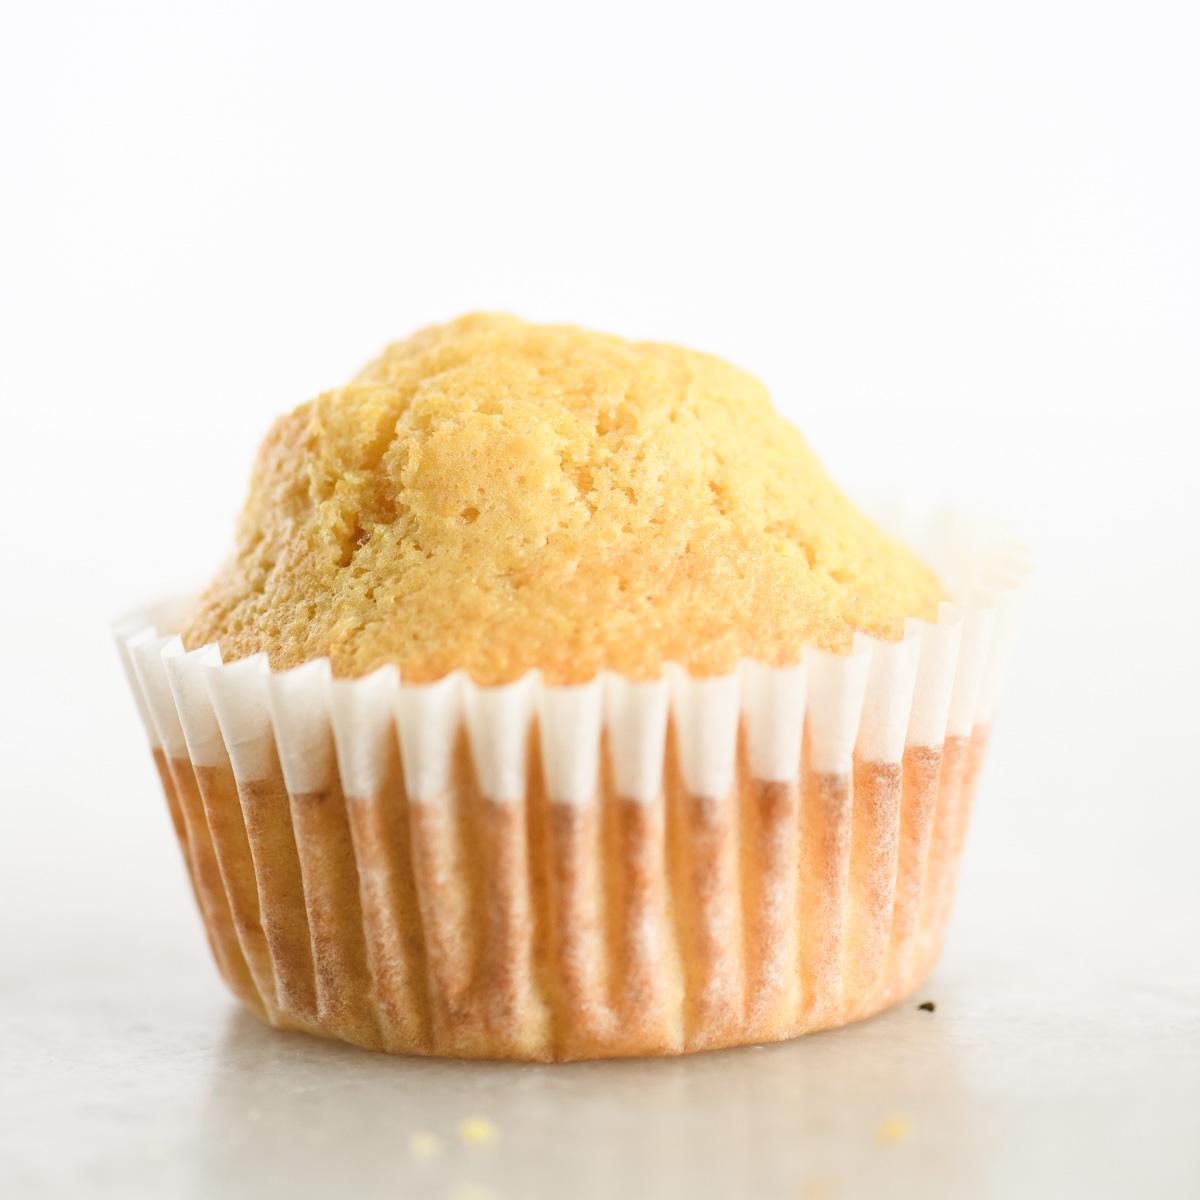 Pillsbury Cornbread Muffin